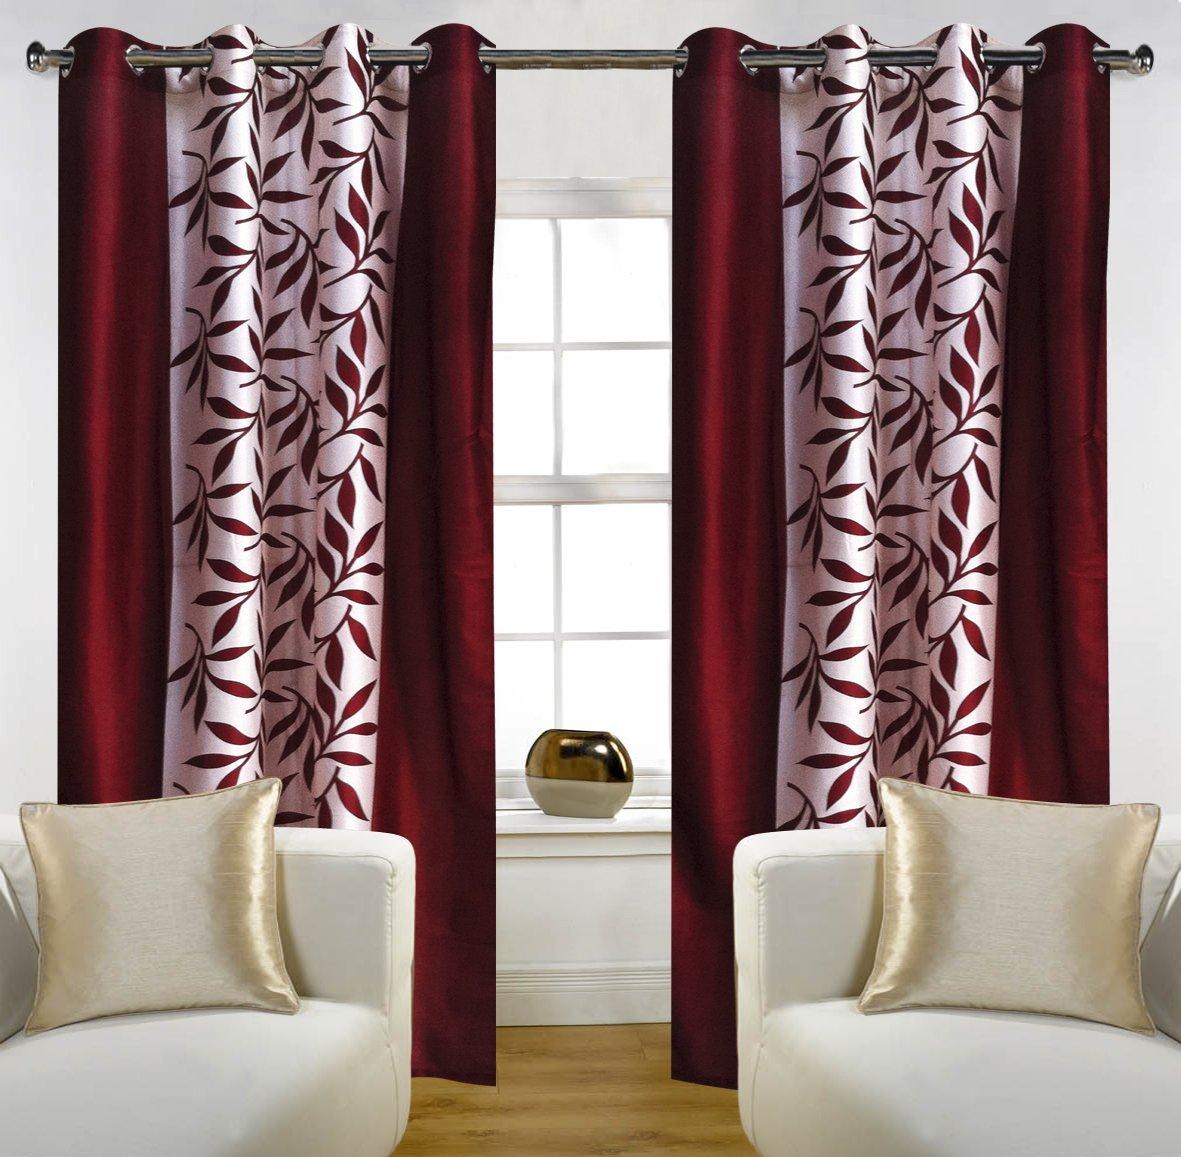 Ikea Curtain Panel Room Divider Panels Ideas Kvartal